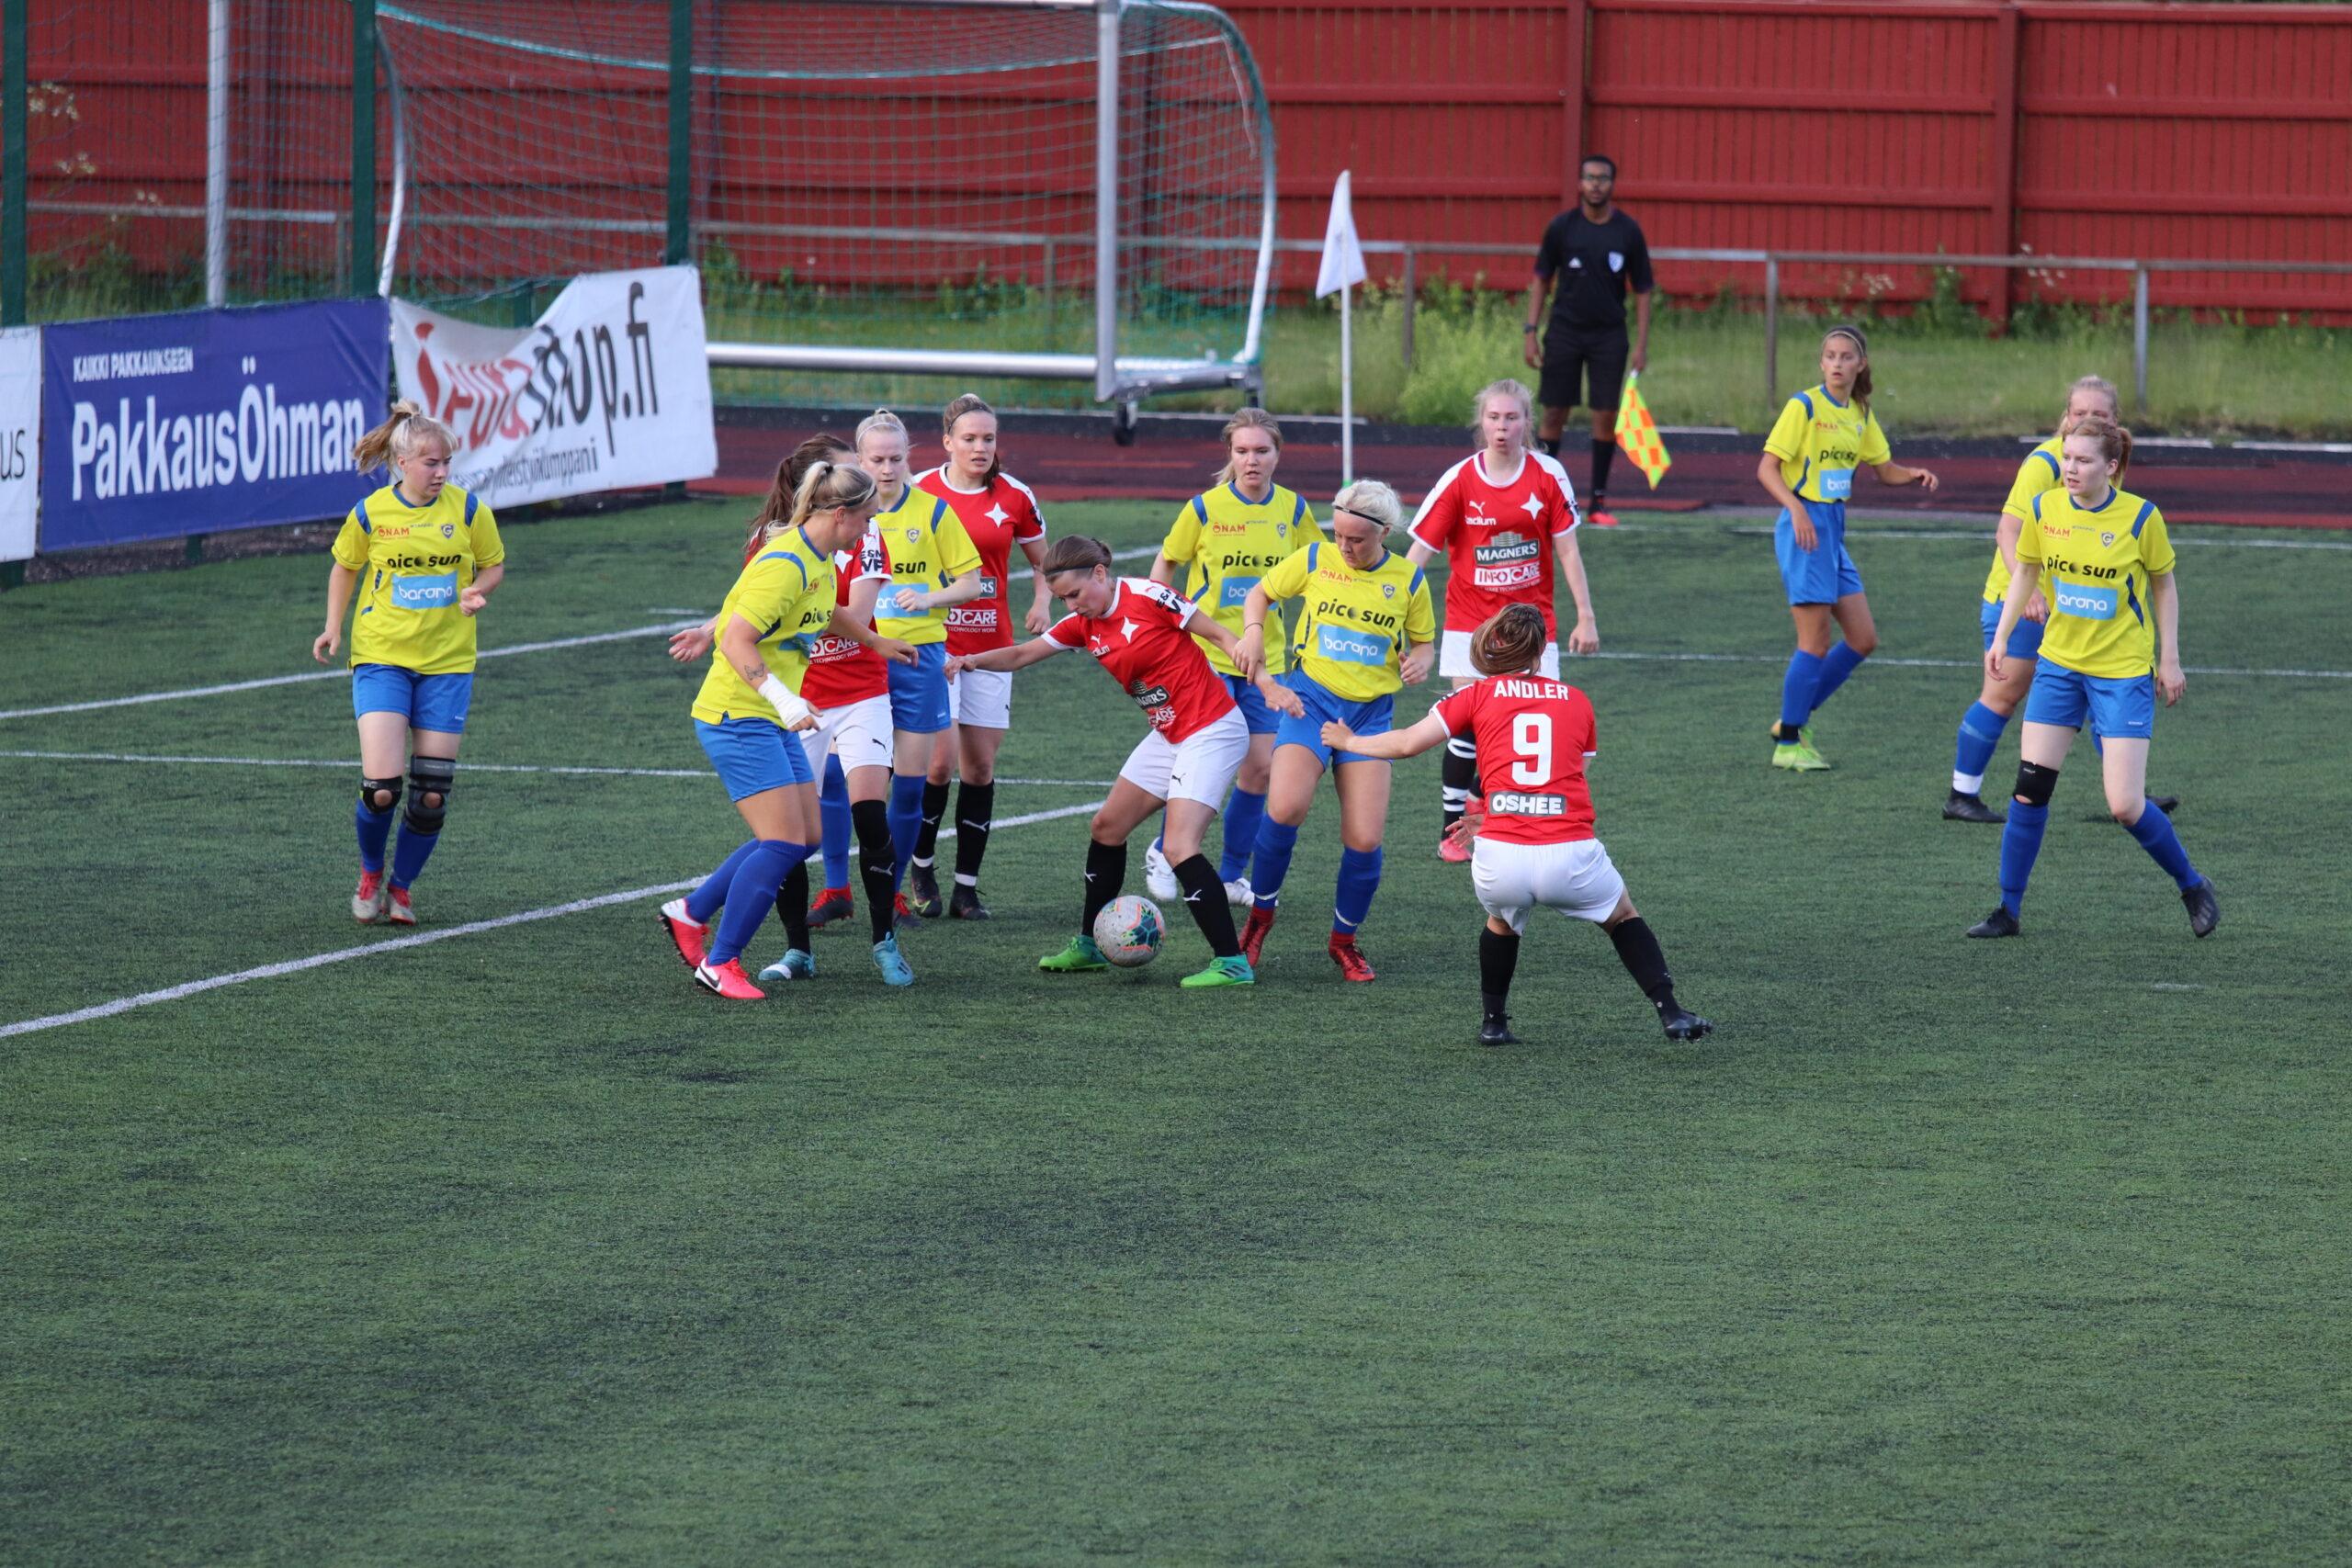 HIFK besegrade Gnistan med Melinda Andlers mål